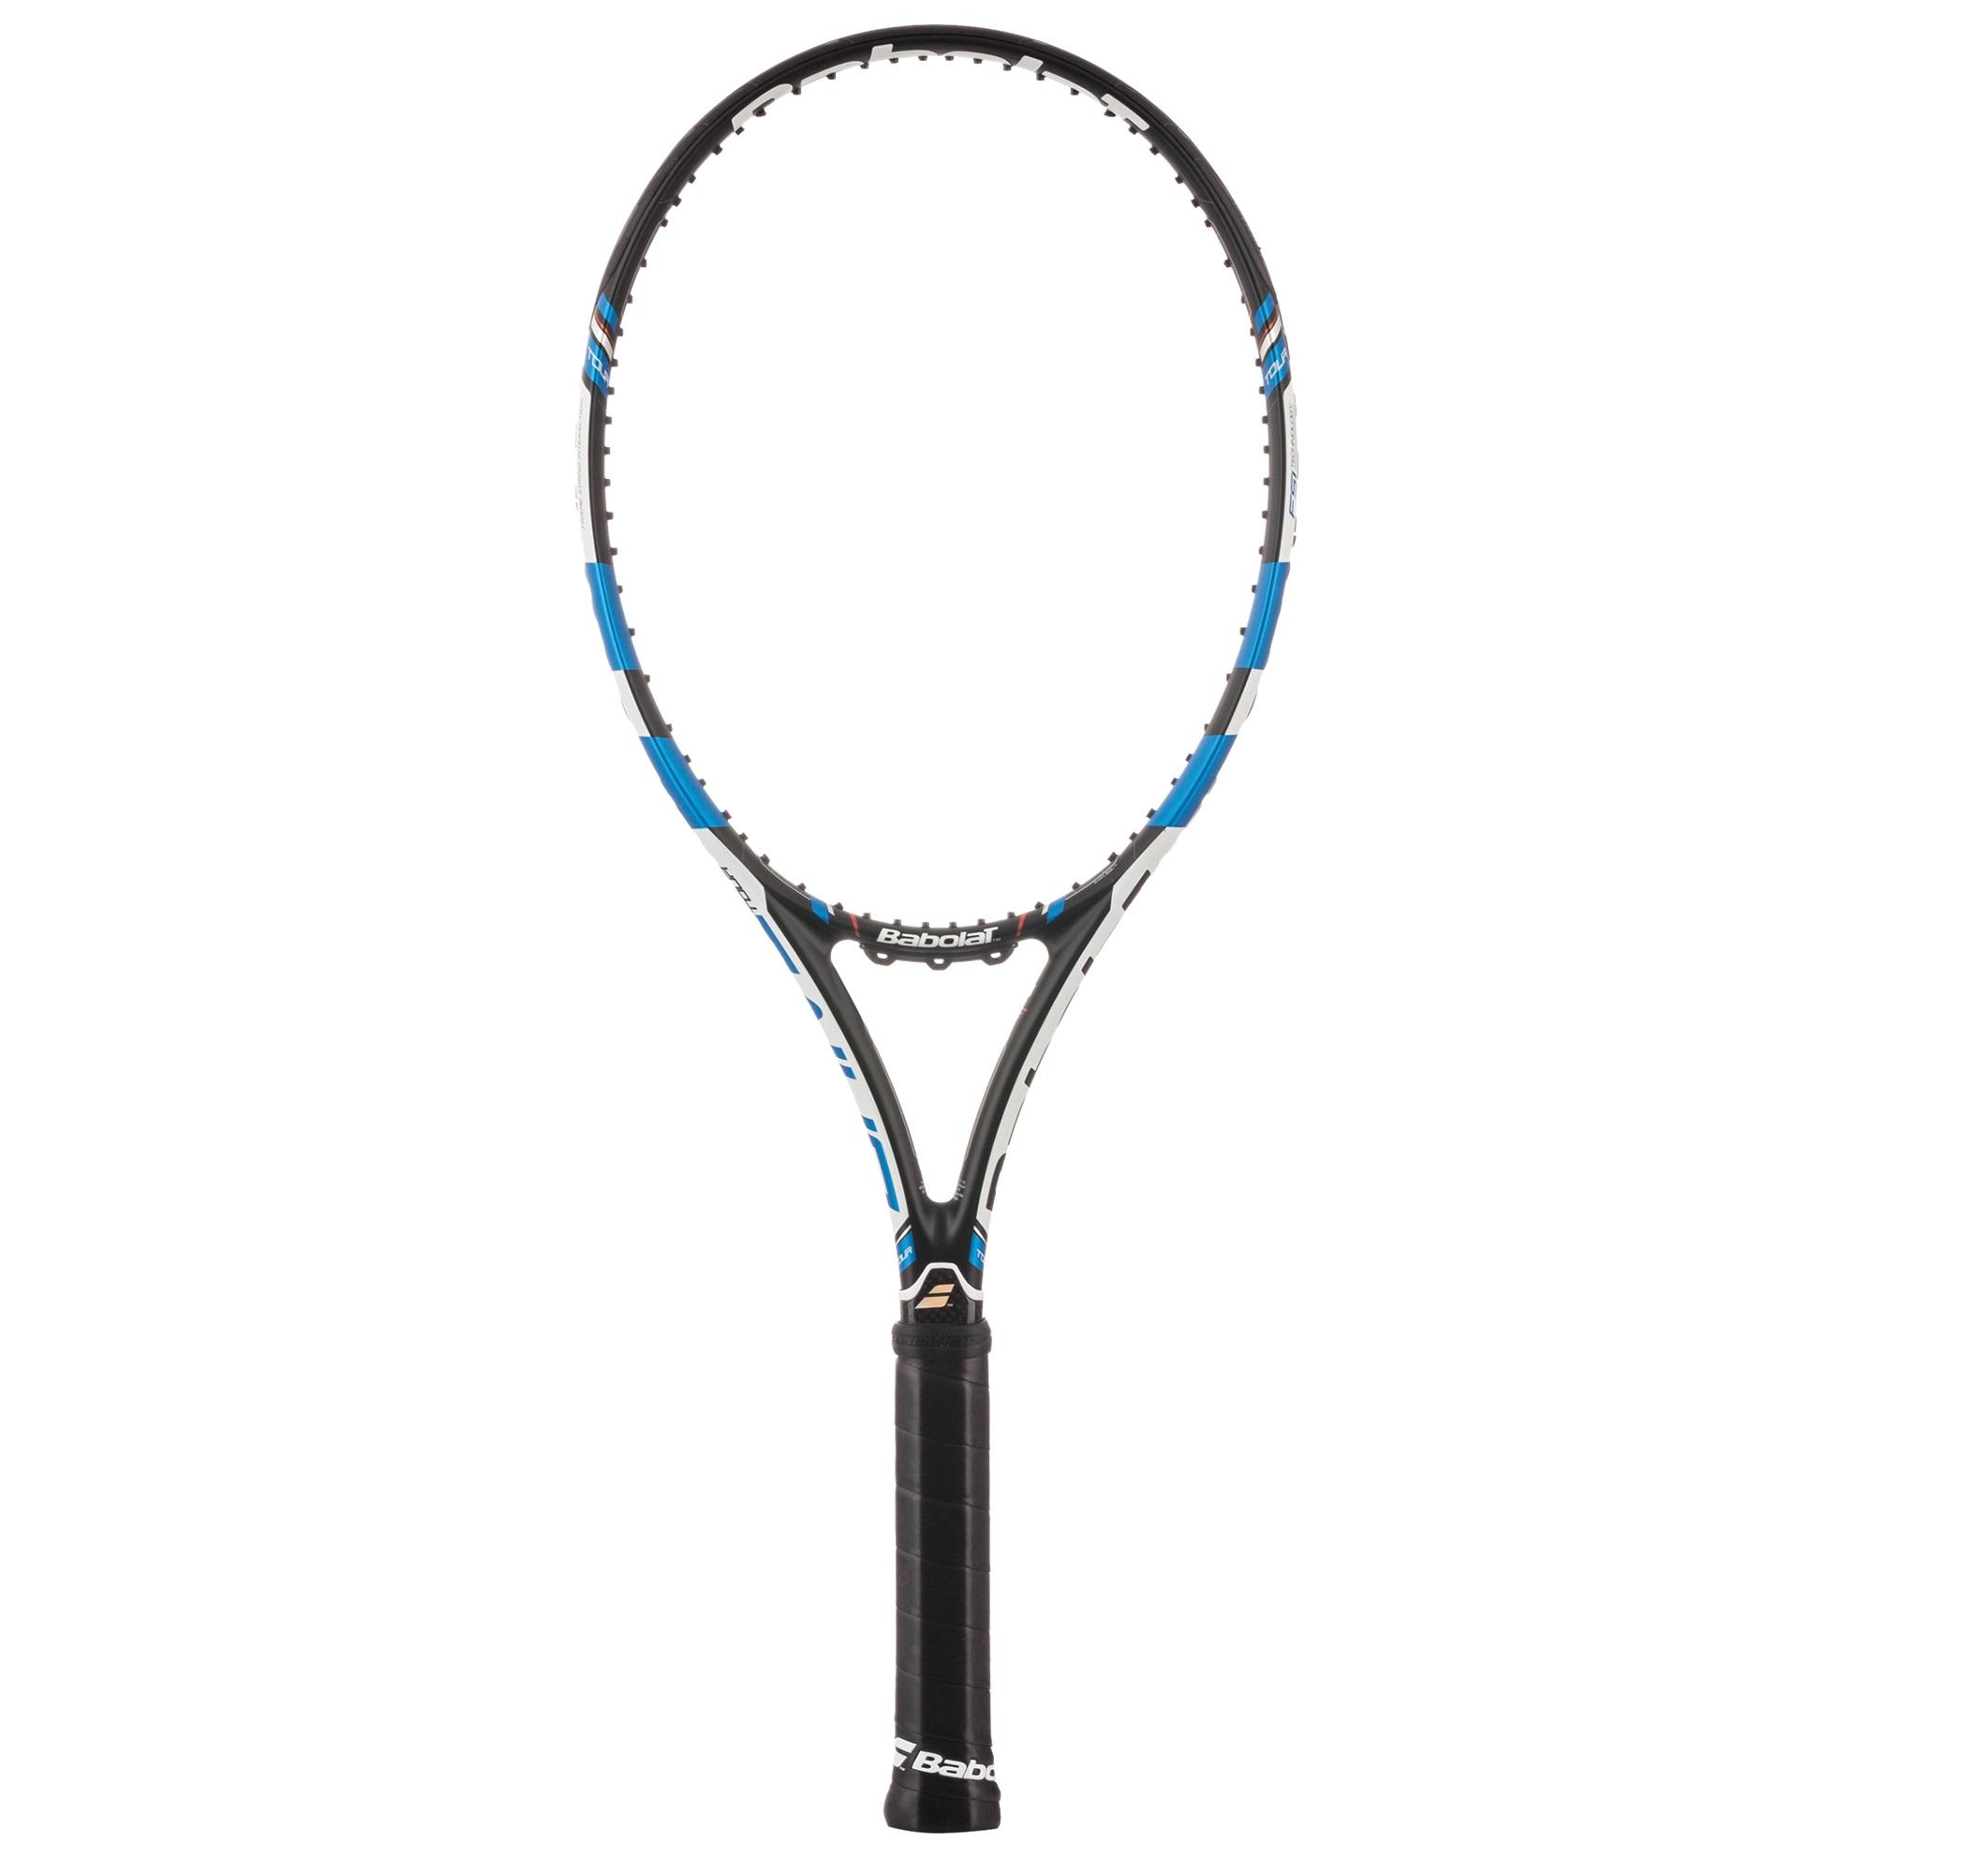 Babolat Ракетка для большого тенниса Babolat Pure Drive Tour Unstrung теннисный инвентарь babolat tonic string